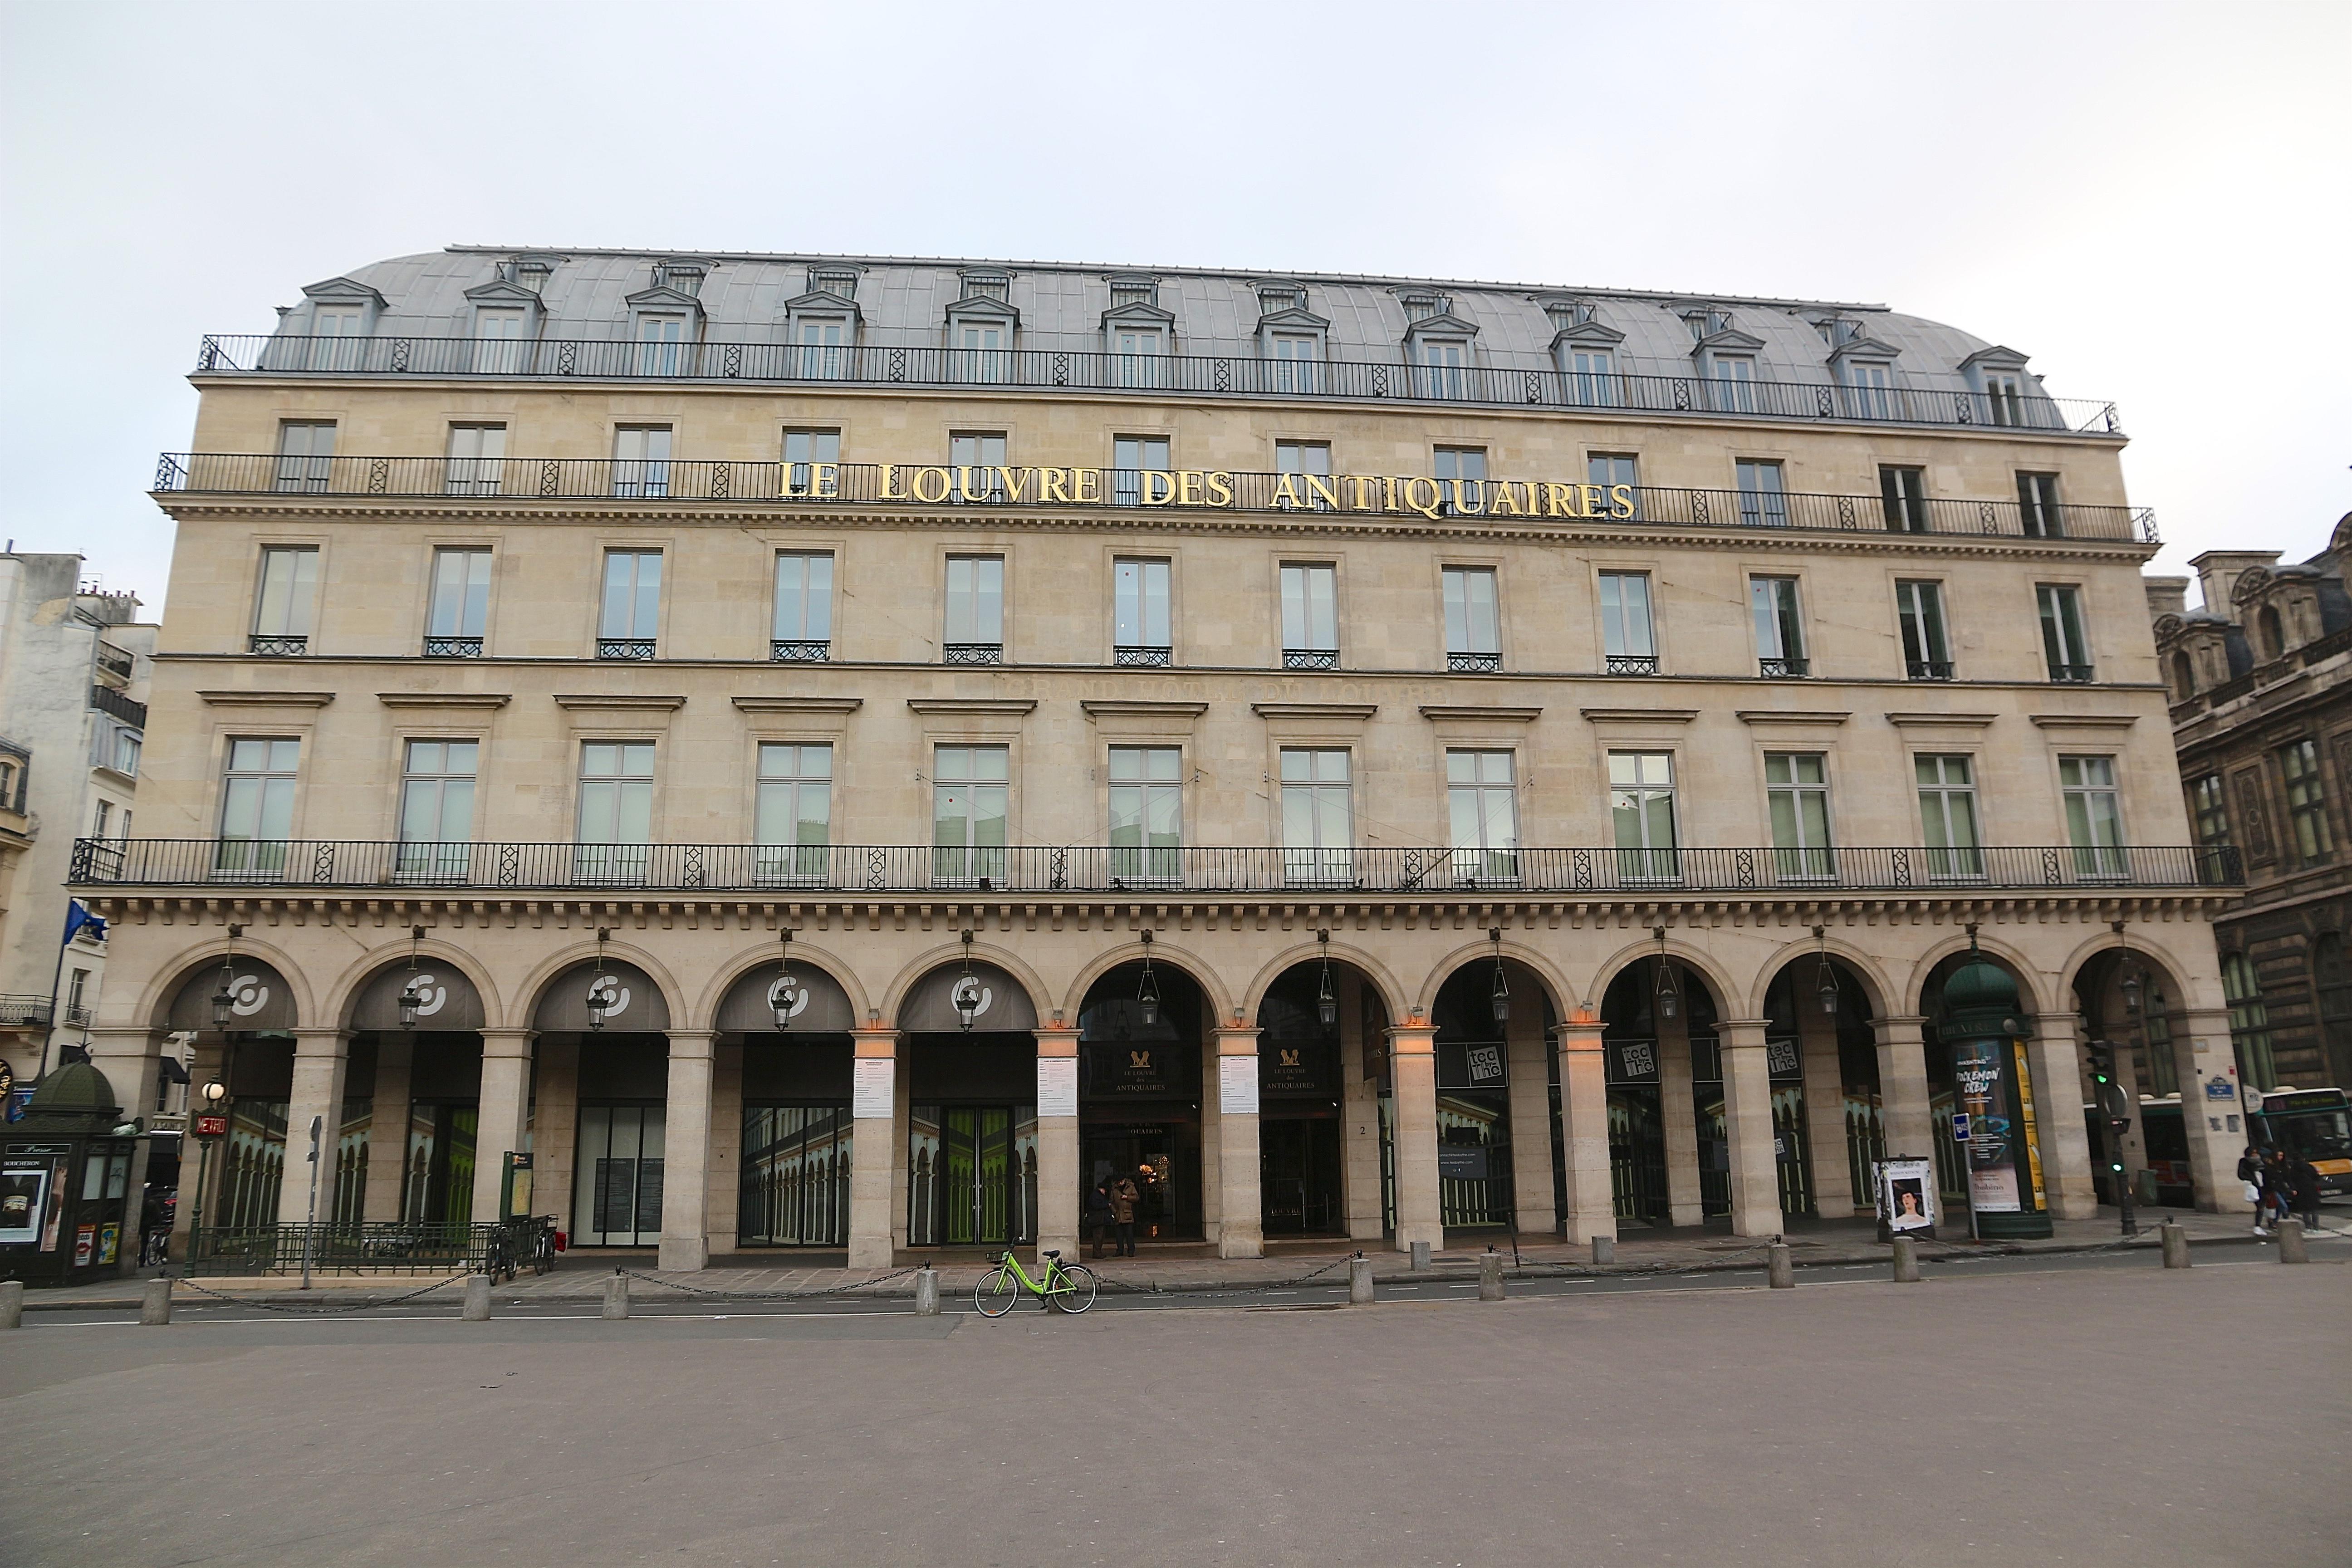 le Louvre des Antiquaires